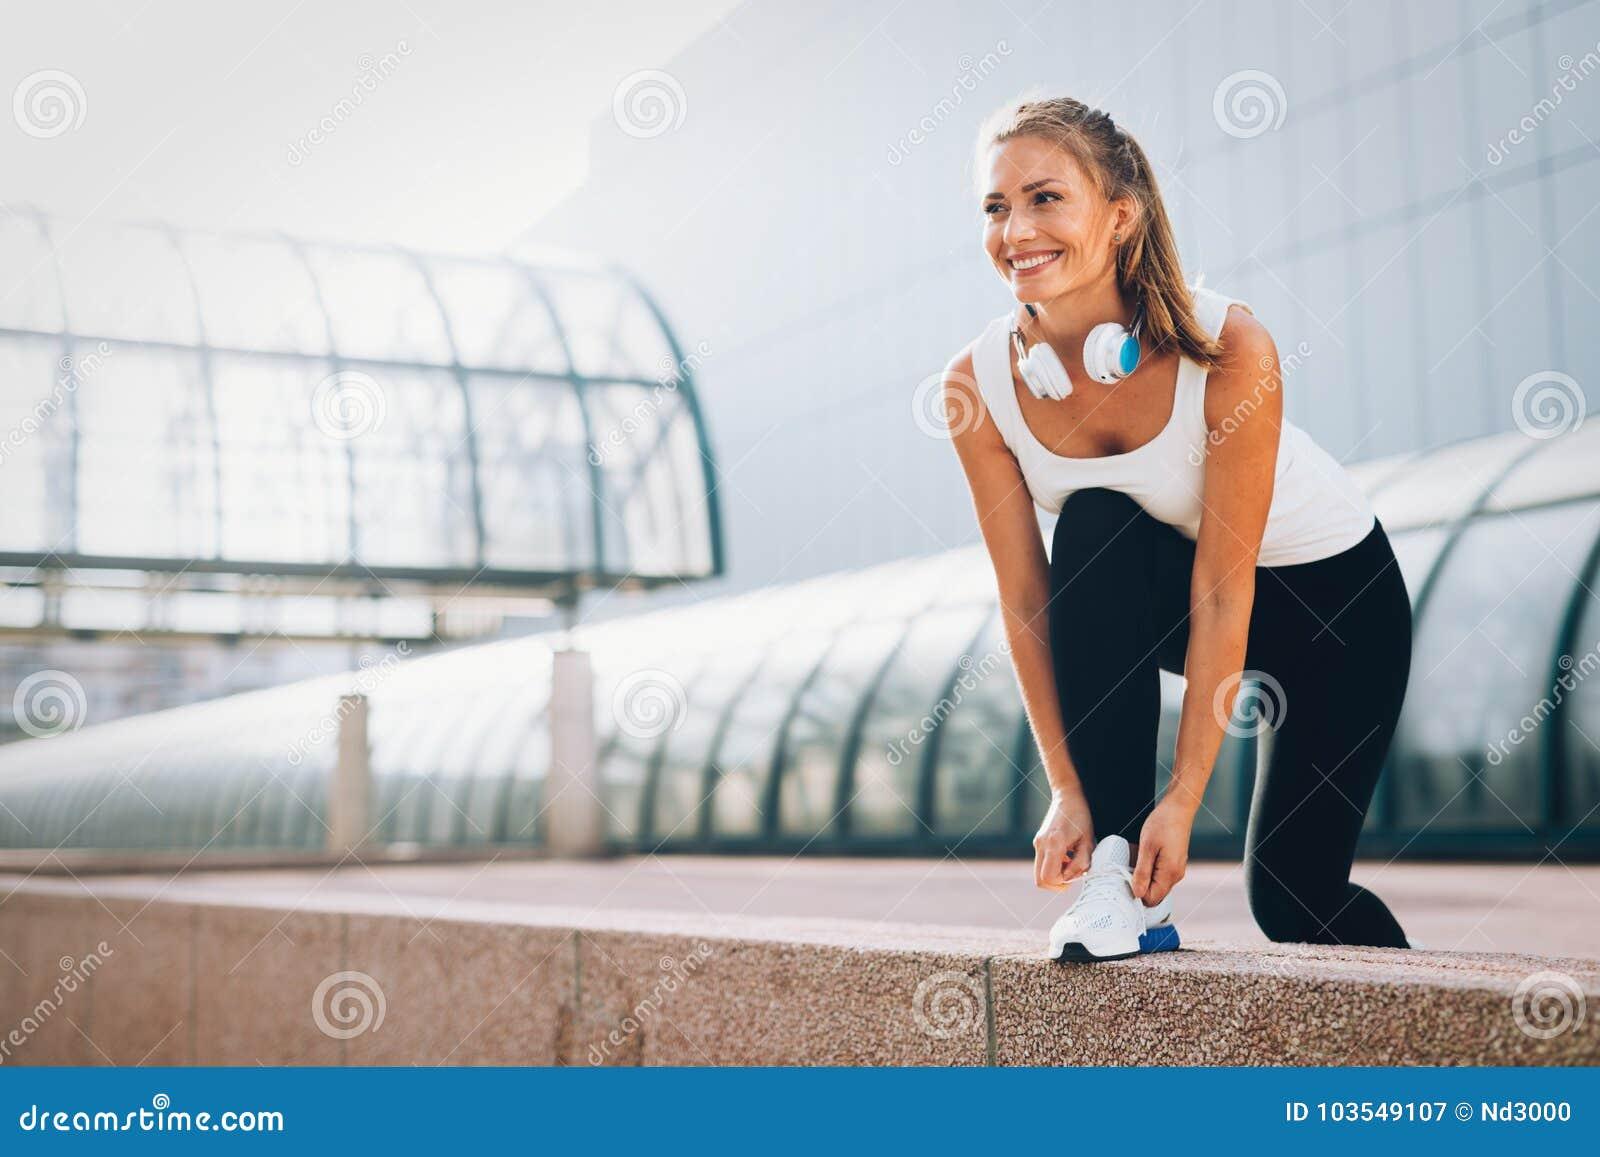 Imagen de la mujer feliz atractiva joven de la aptitud